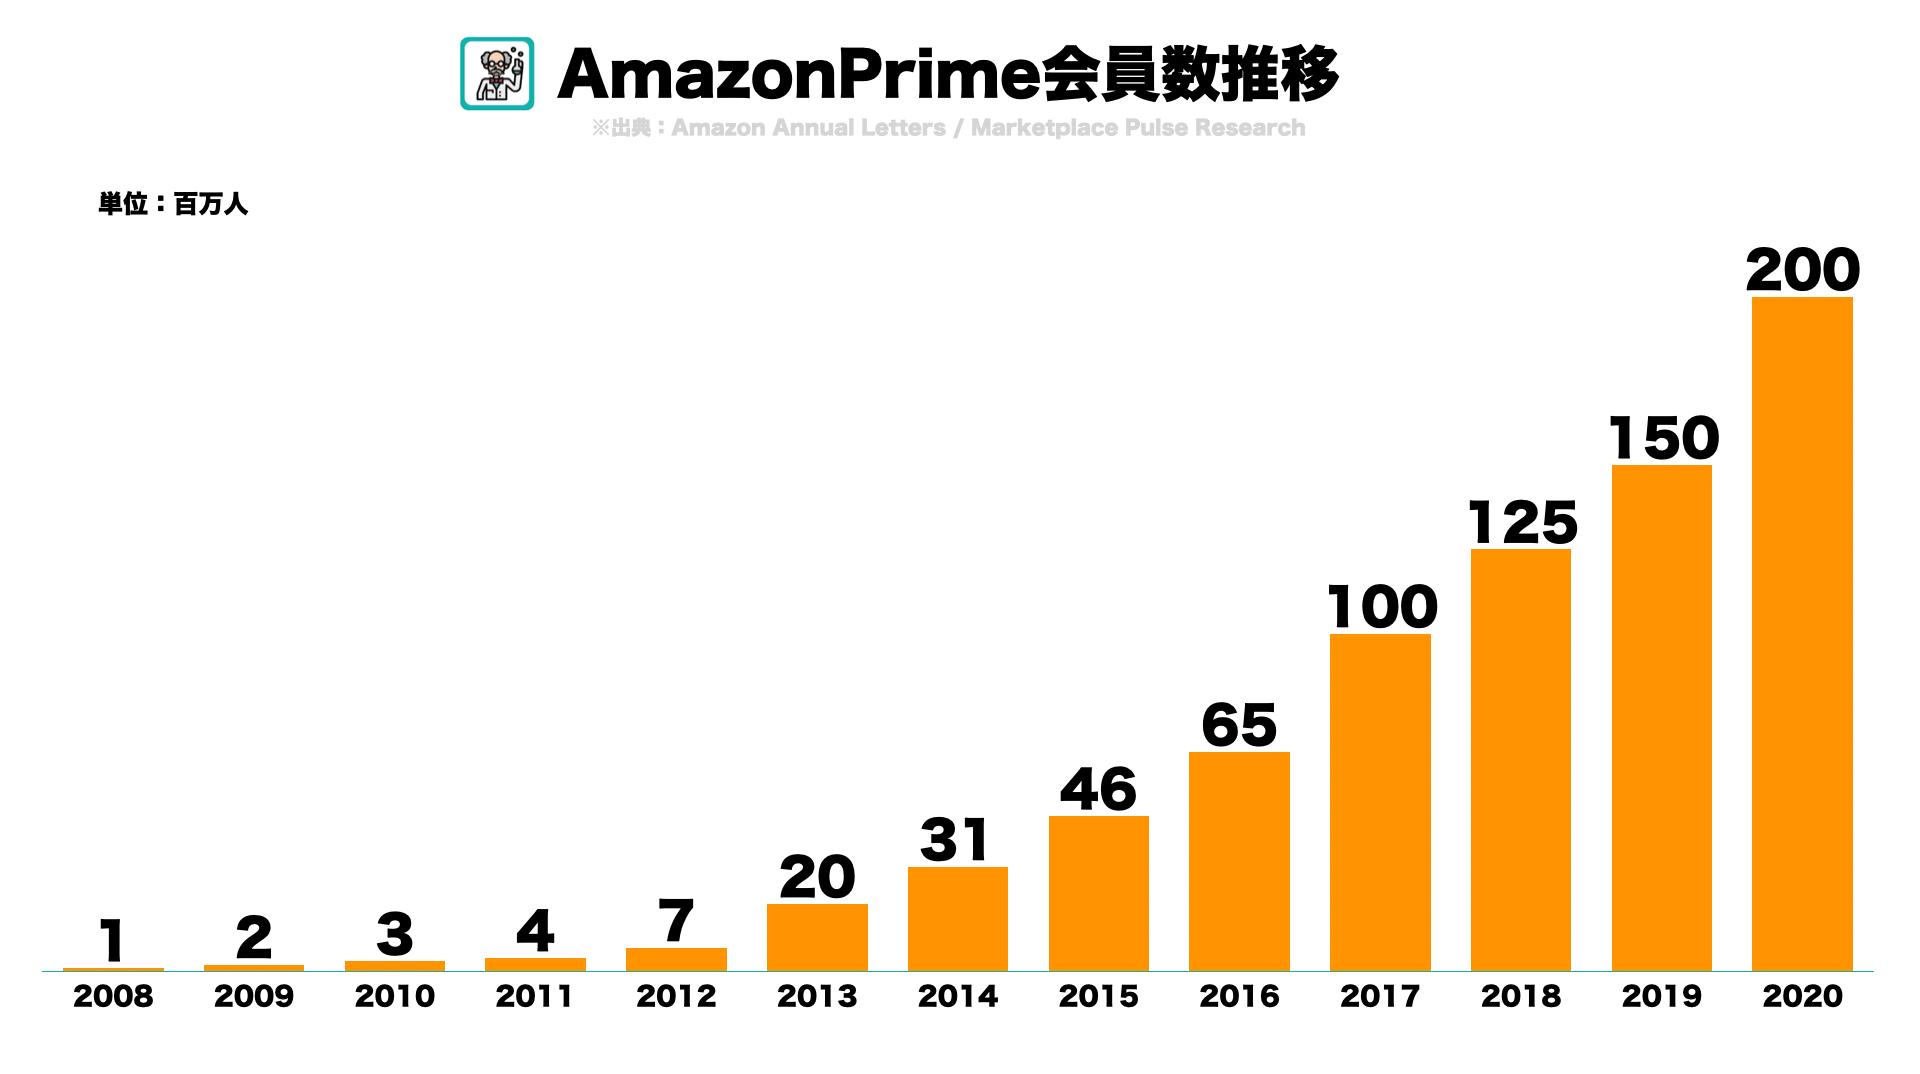 AmazonPrime会員数推移など主要KPIを調べてみた1